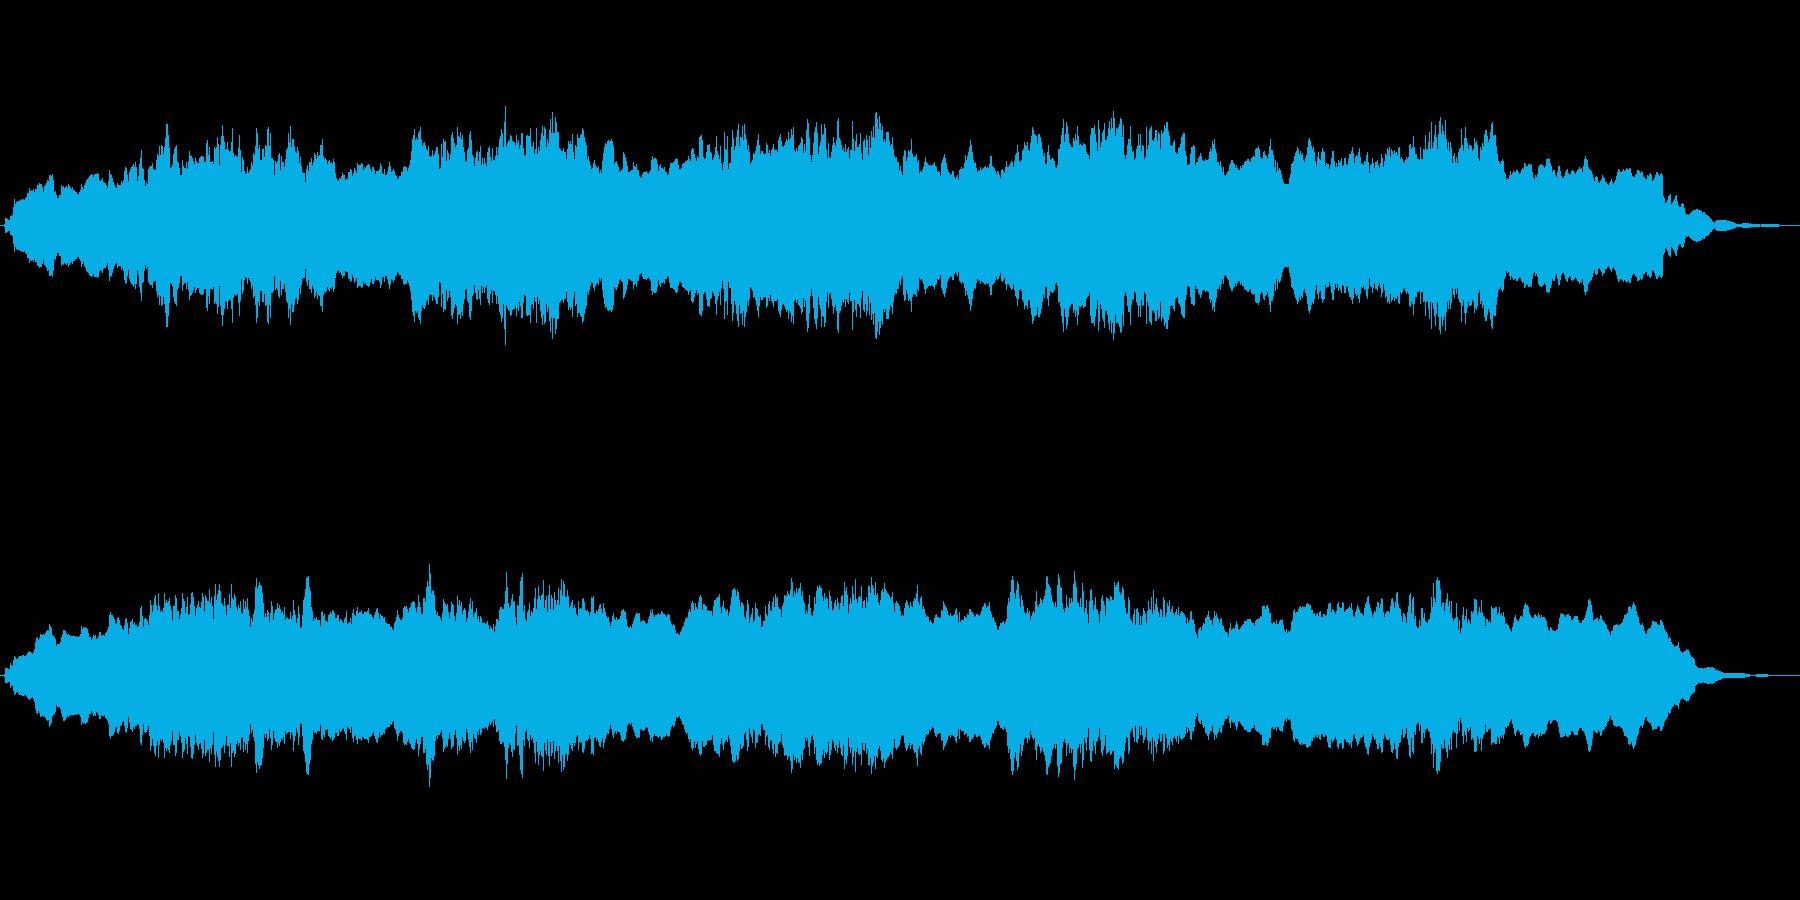 キラキラしたアンビエントなジングルの再生済みの波形